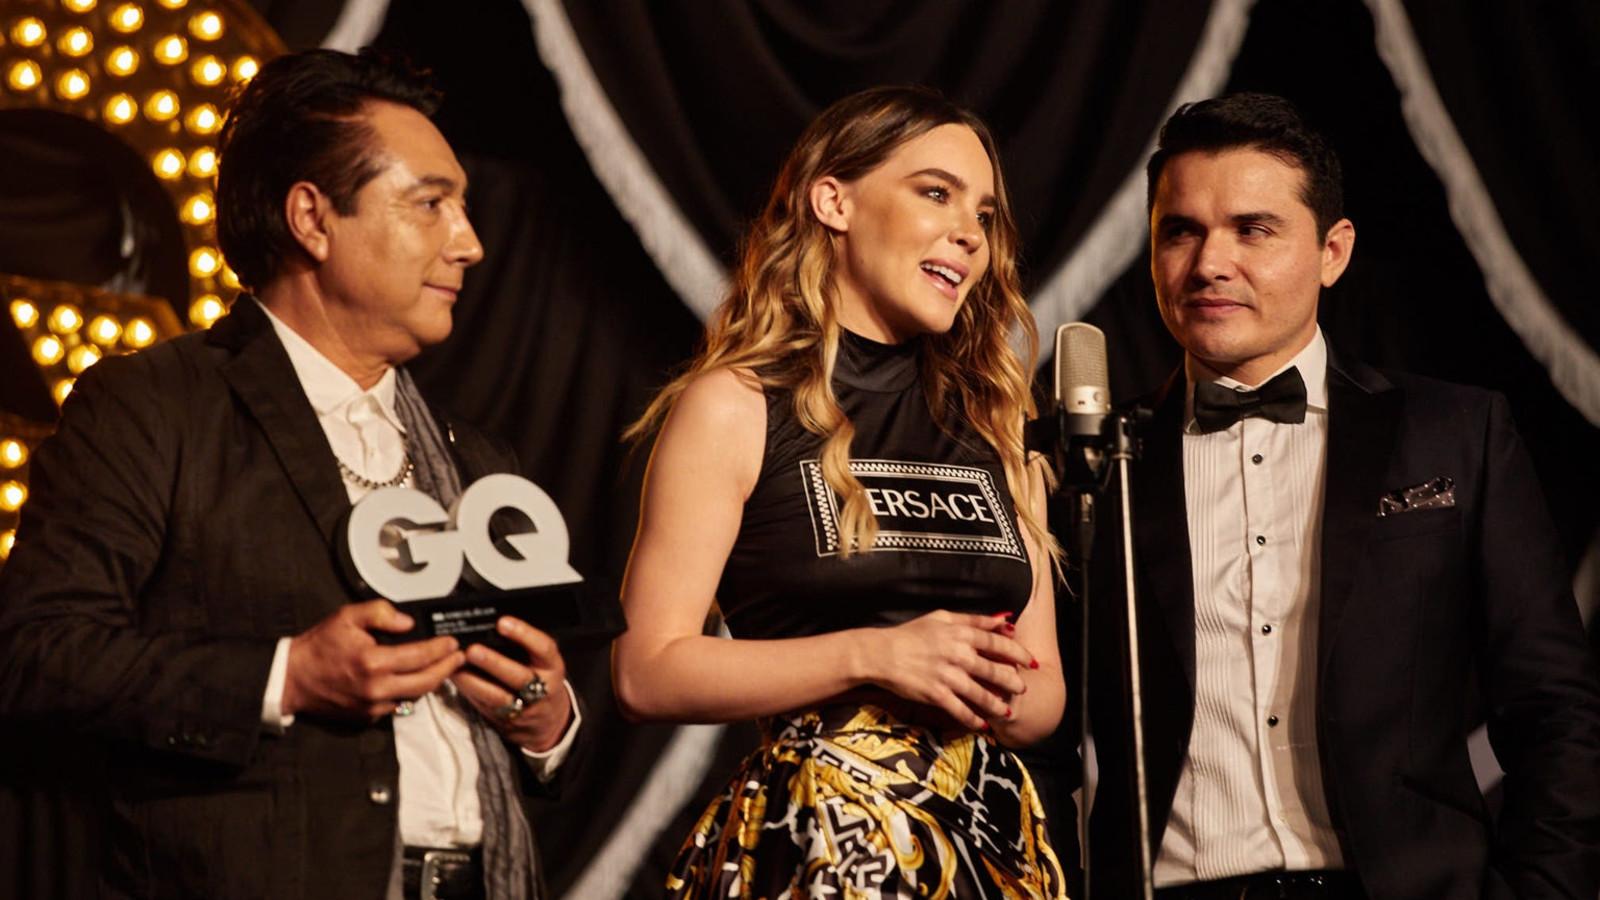 GQ HDA 2019 1129 - Enrique SanchezArmas - Mexico - GQ MOTY